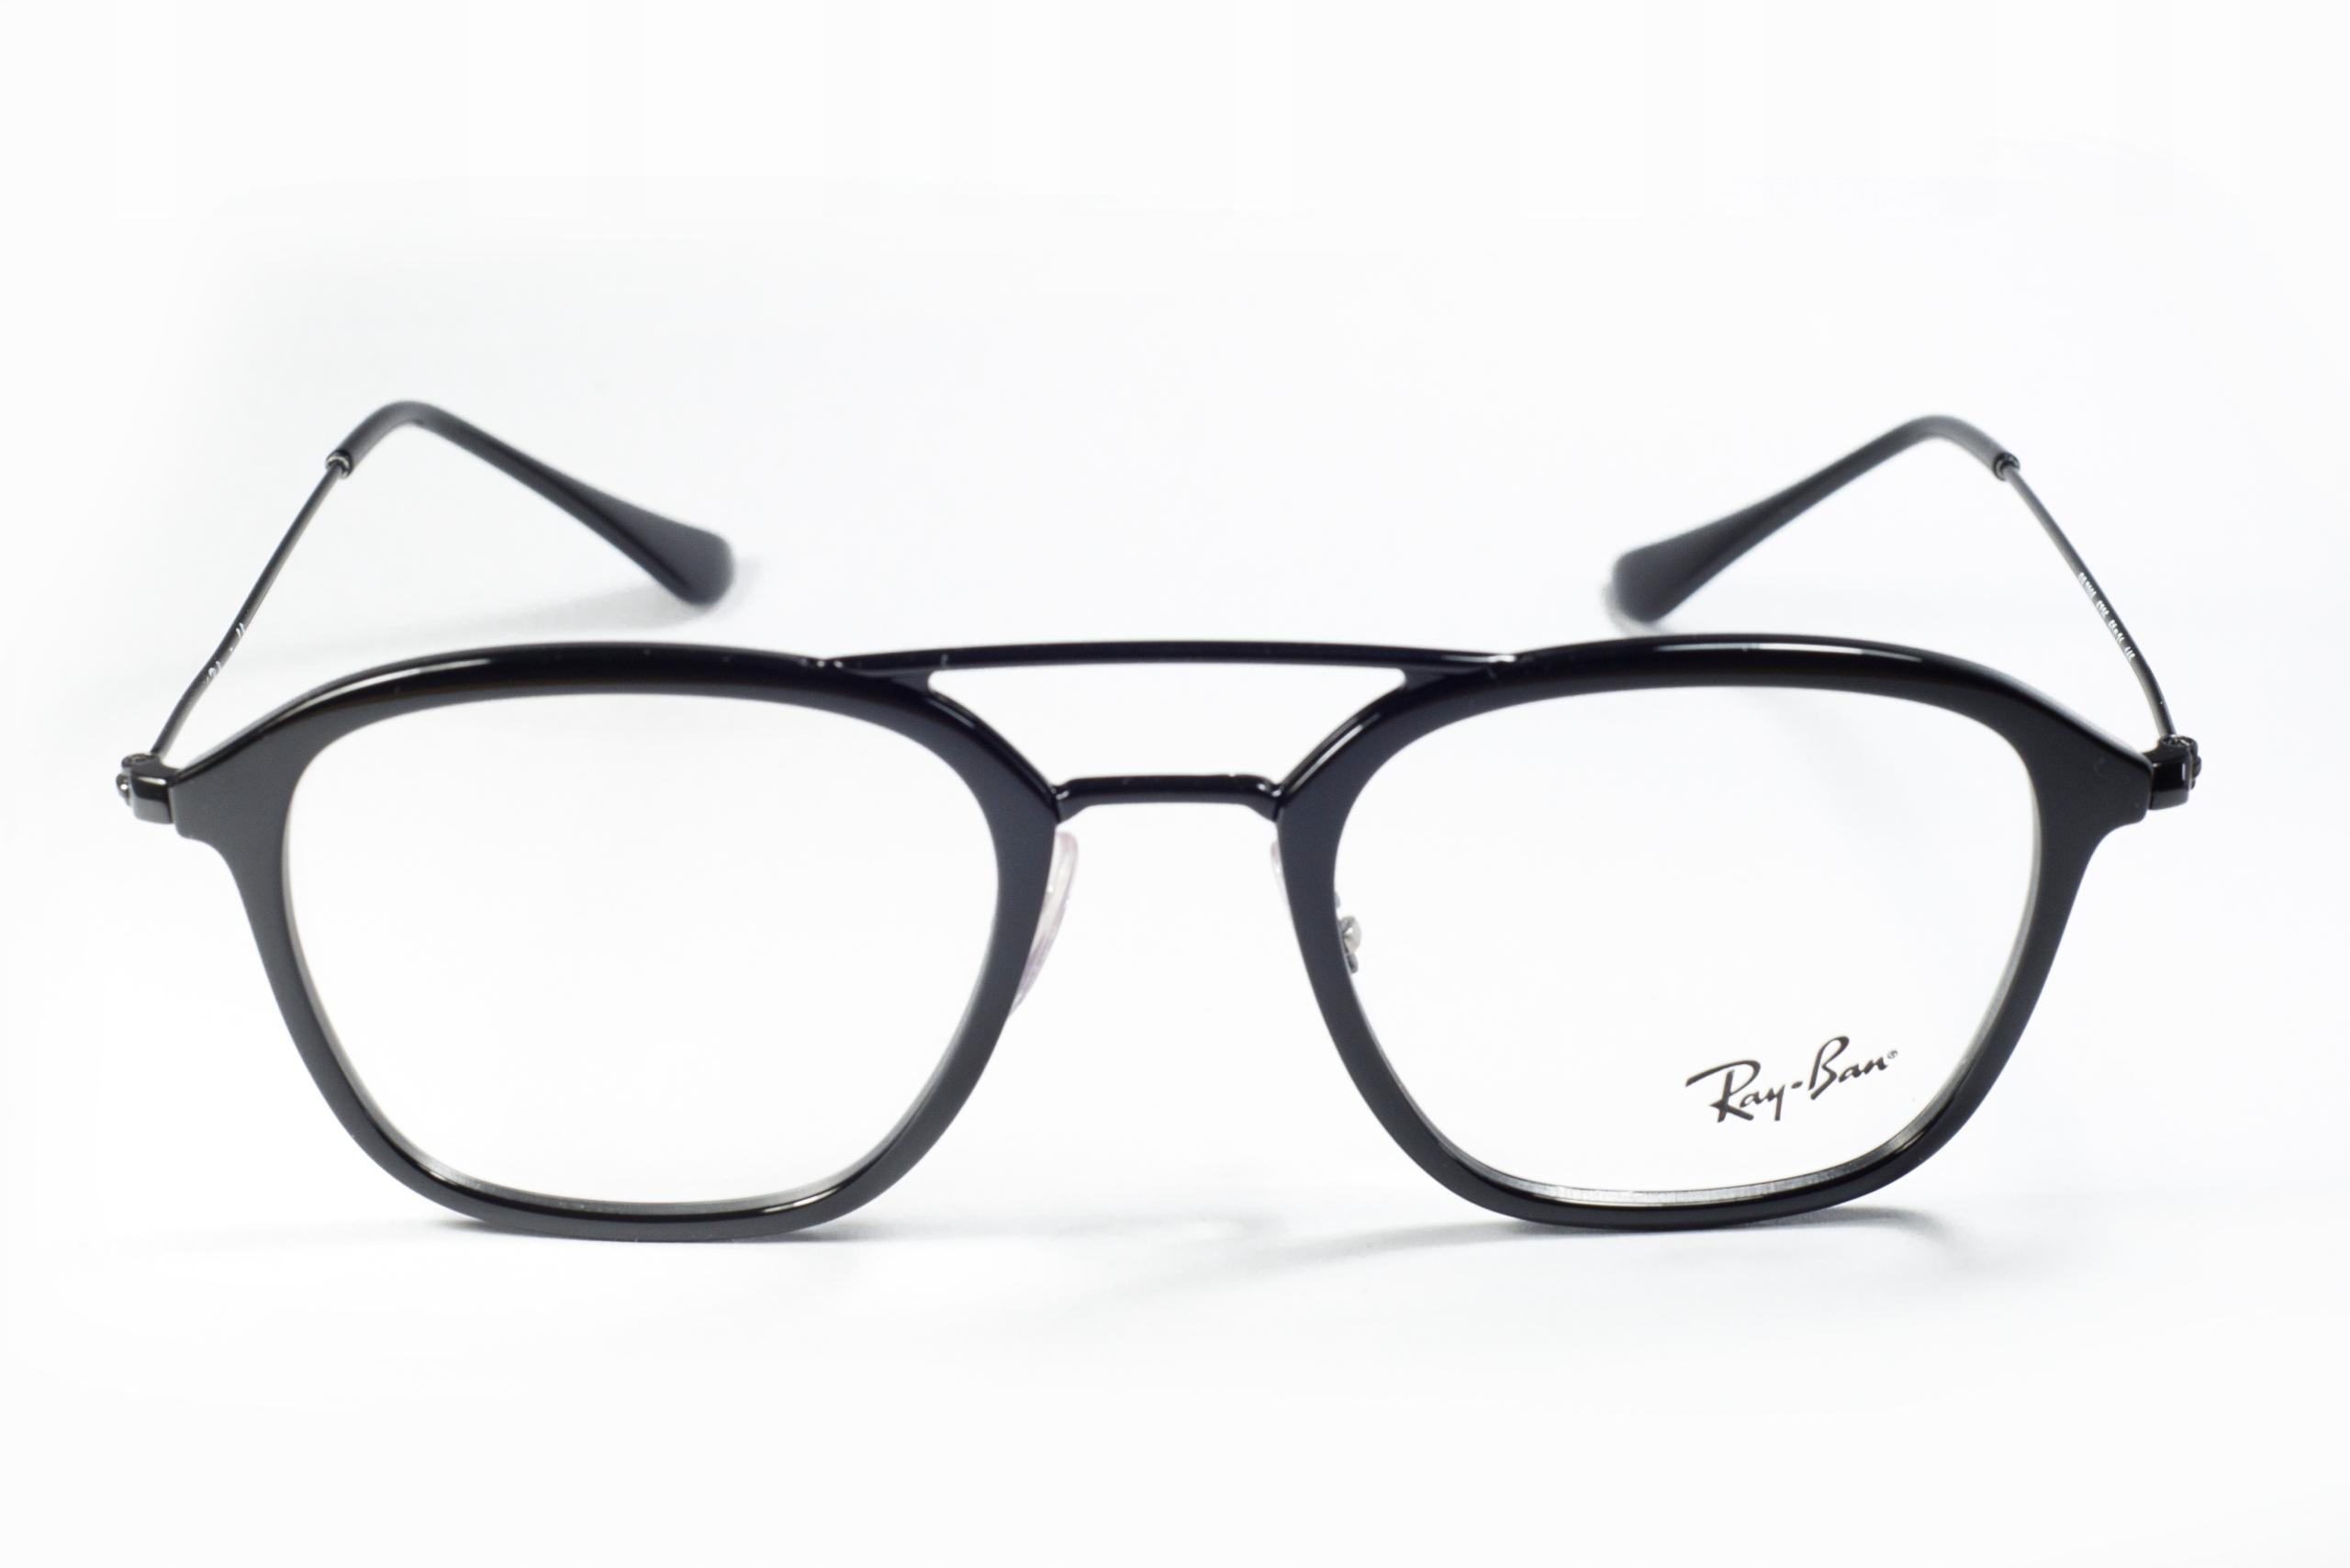 75a86bd0981 Okulary Oprawki RAY BAN RB 7098 5725 50x21 - 7623023108 - oficjalne ...